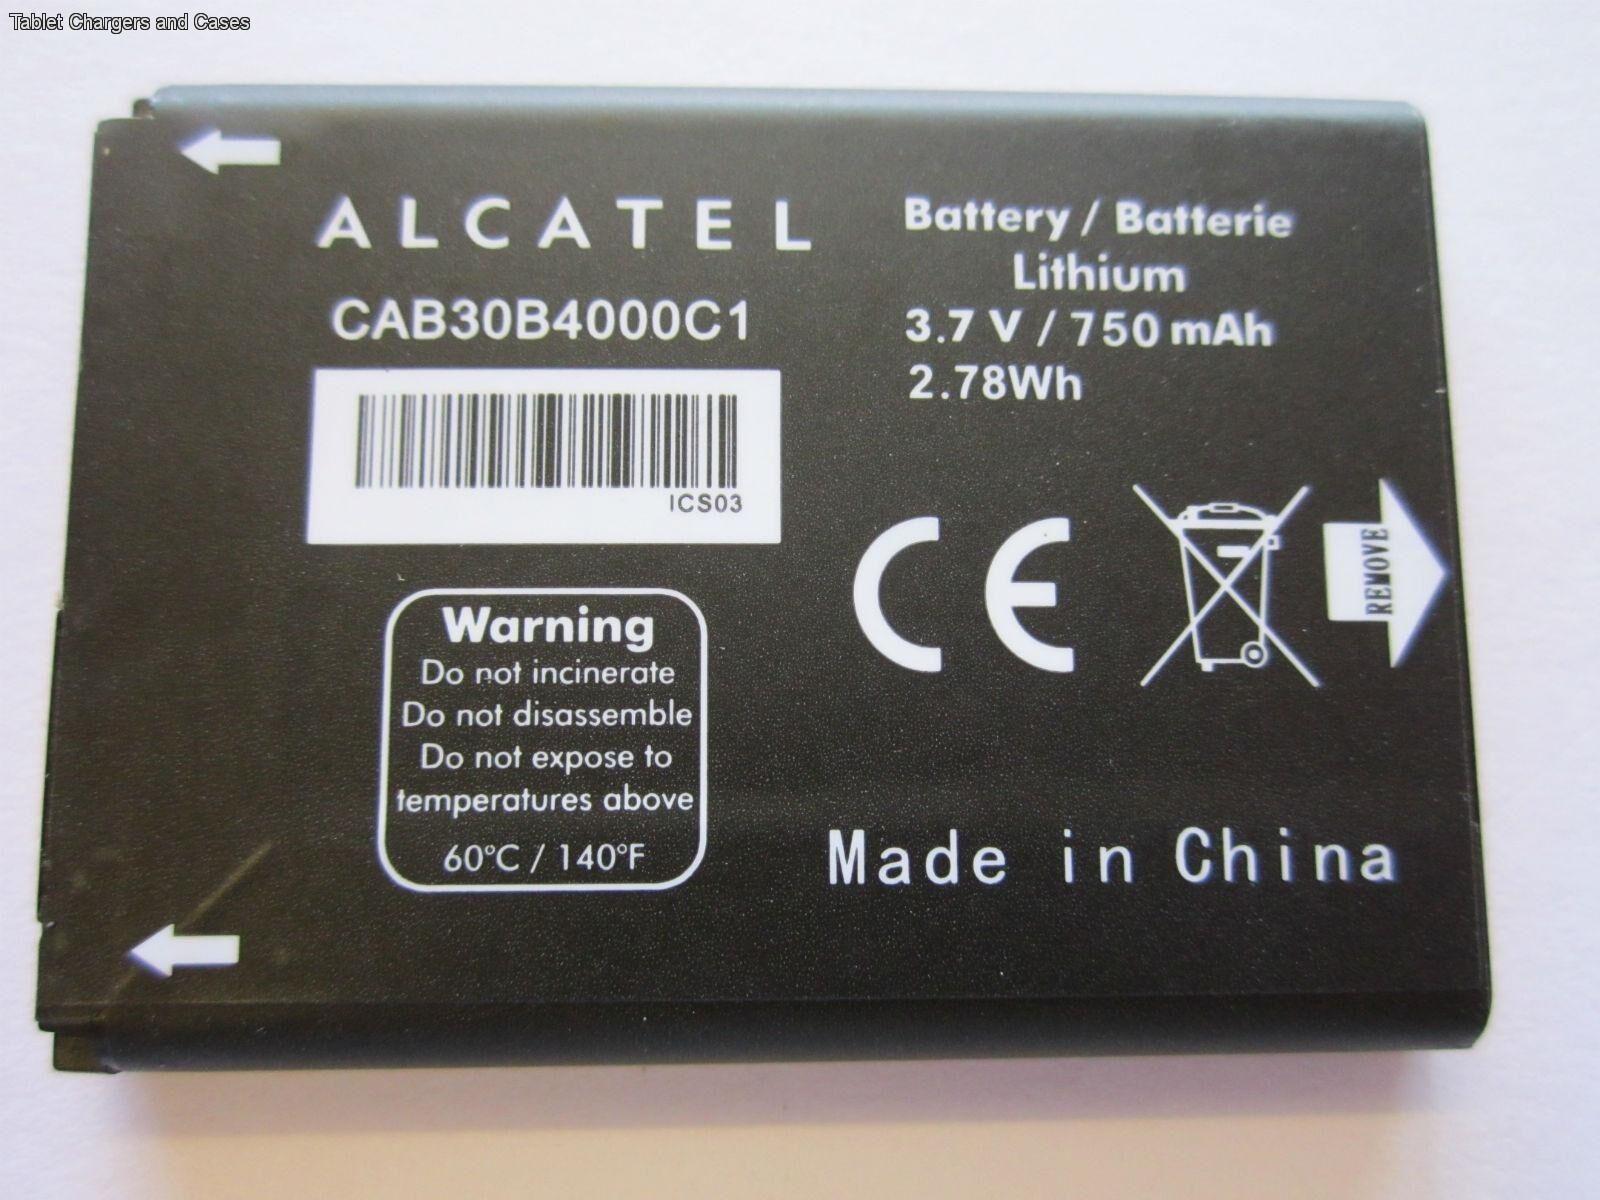 100% Genuine Alcatel CAB30B4000C1 Battery For OT-255 OT-383A OT-600A OT-206